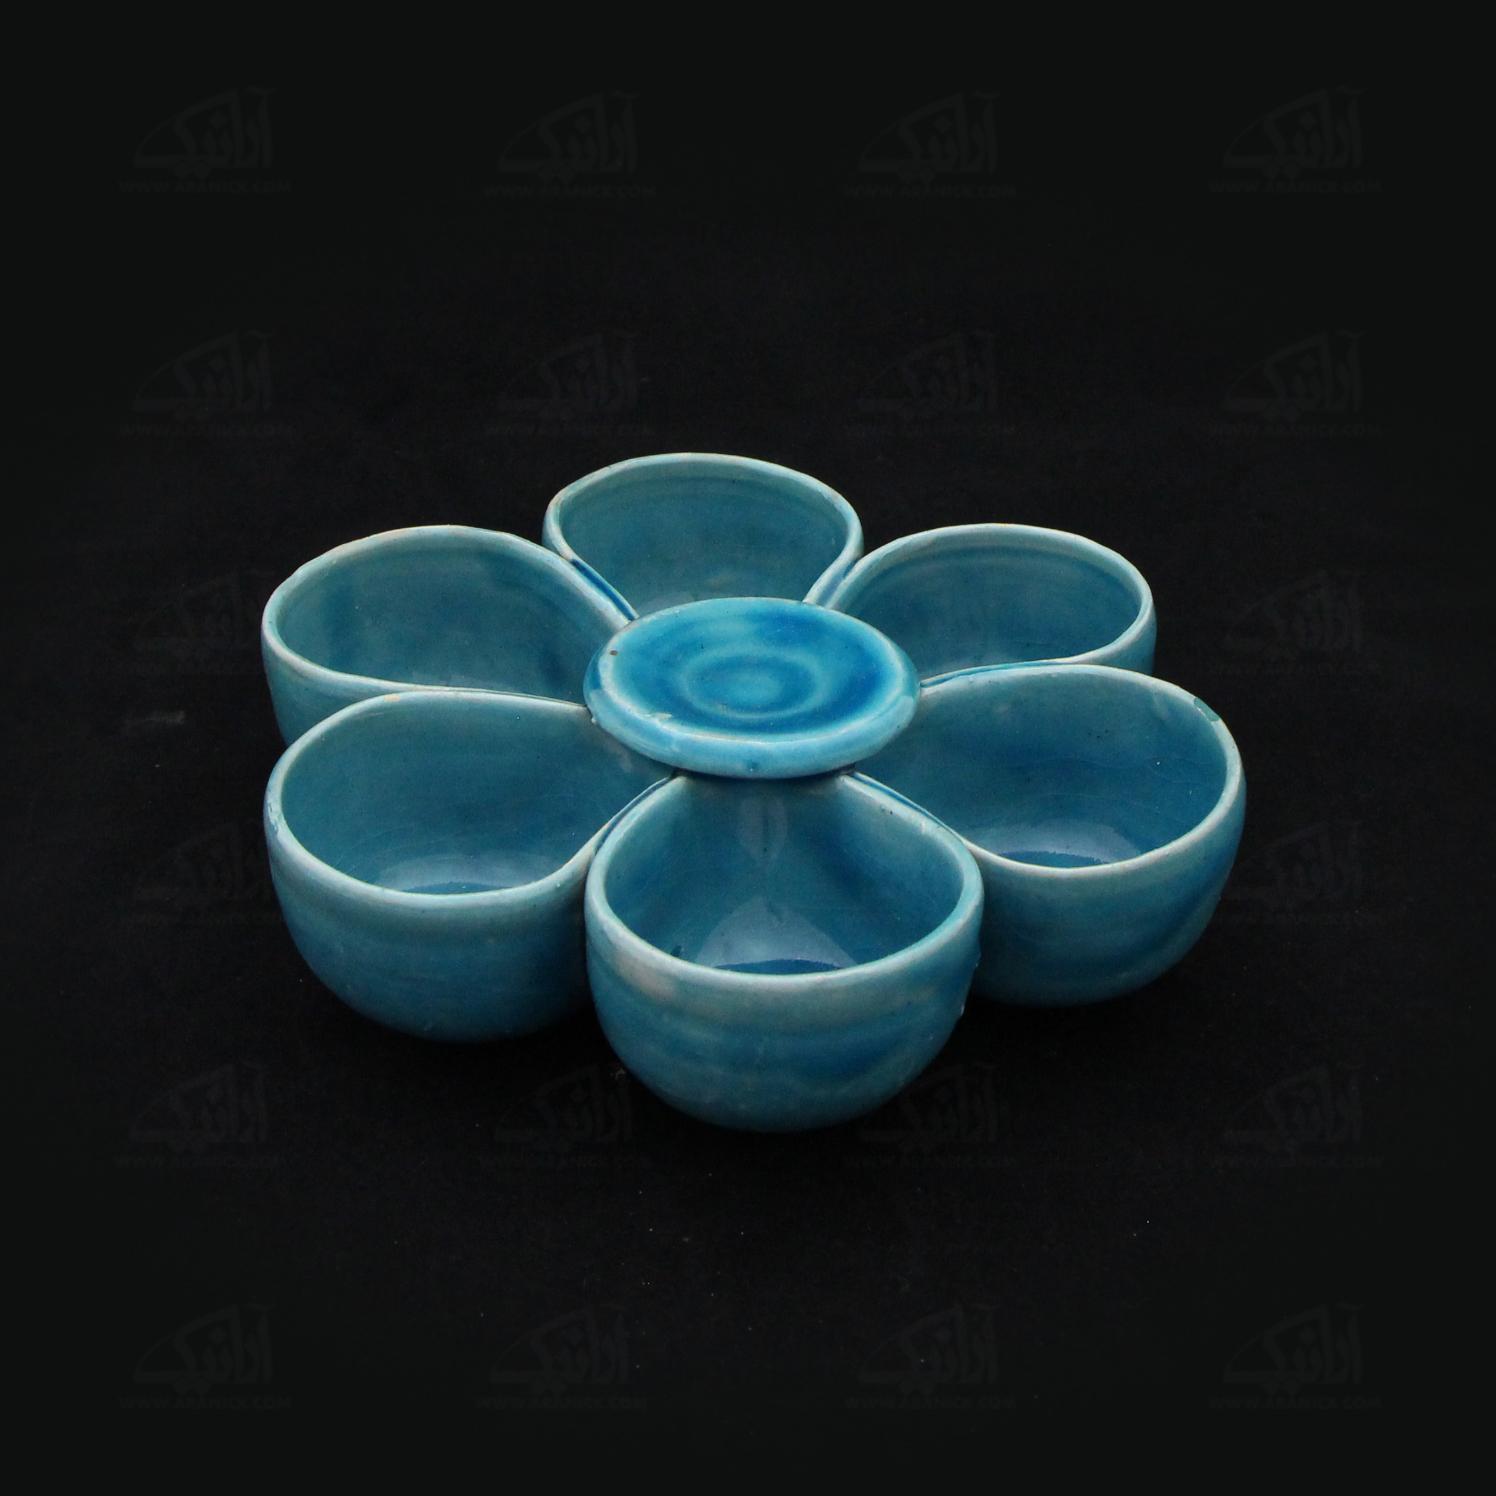 اردور خوری سفالی آرانیک  لعاب ساده رنگ آبی مدل 1001600002